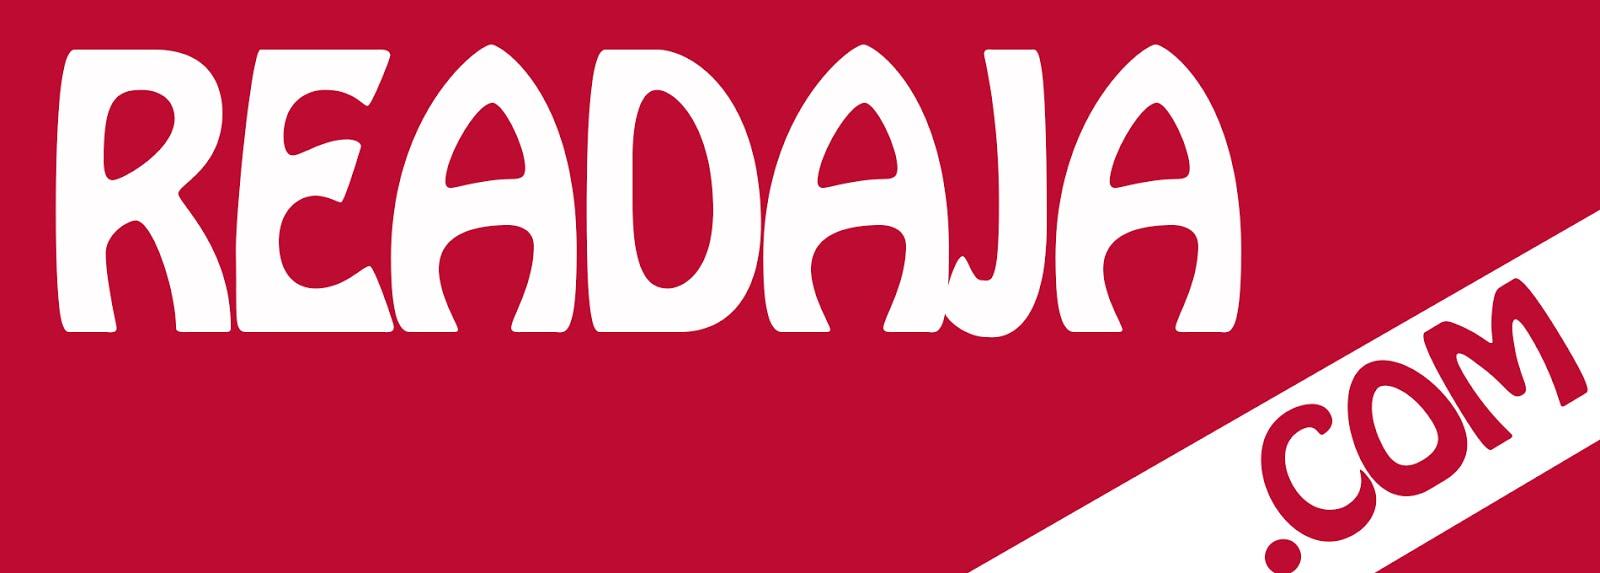 Readaja.com